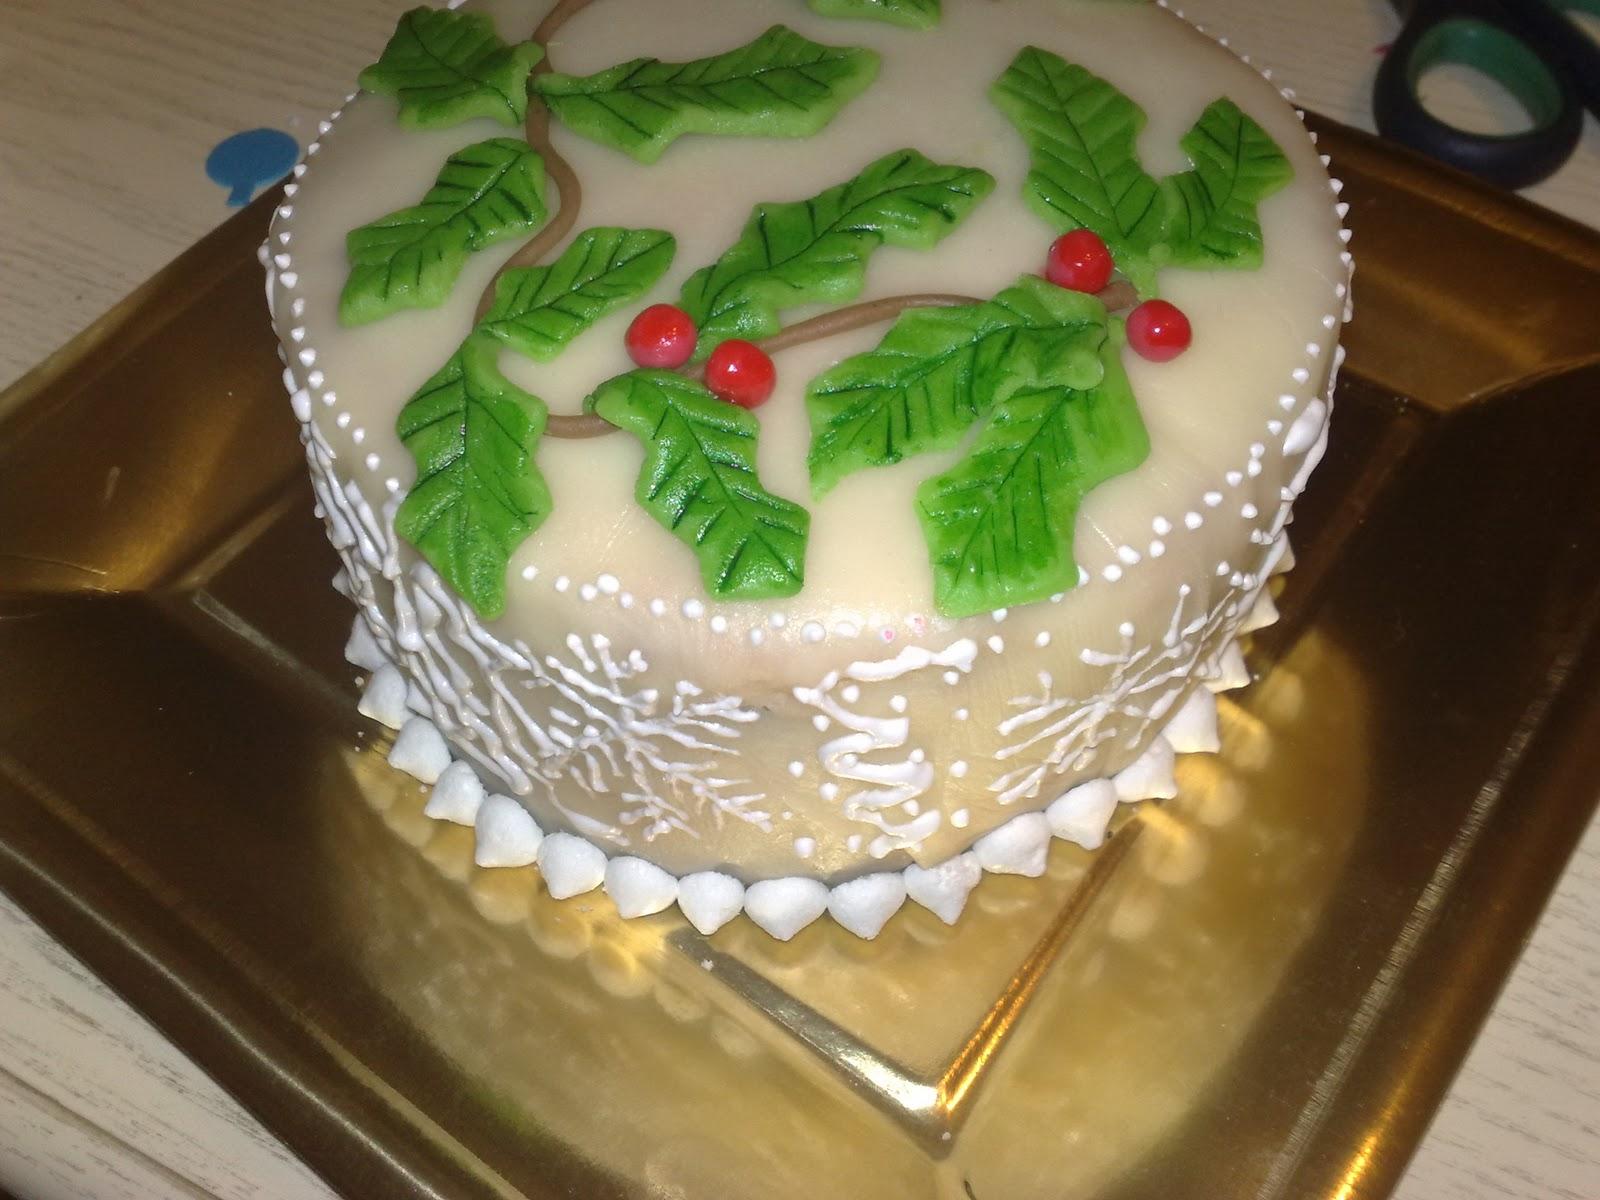 La rosa bulgara torta decorata per natale con marzapane e - Decorazioni natalizie per torte ...